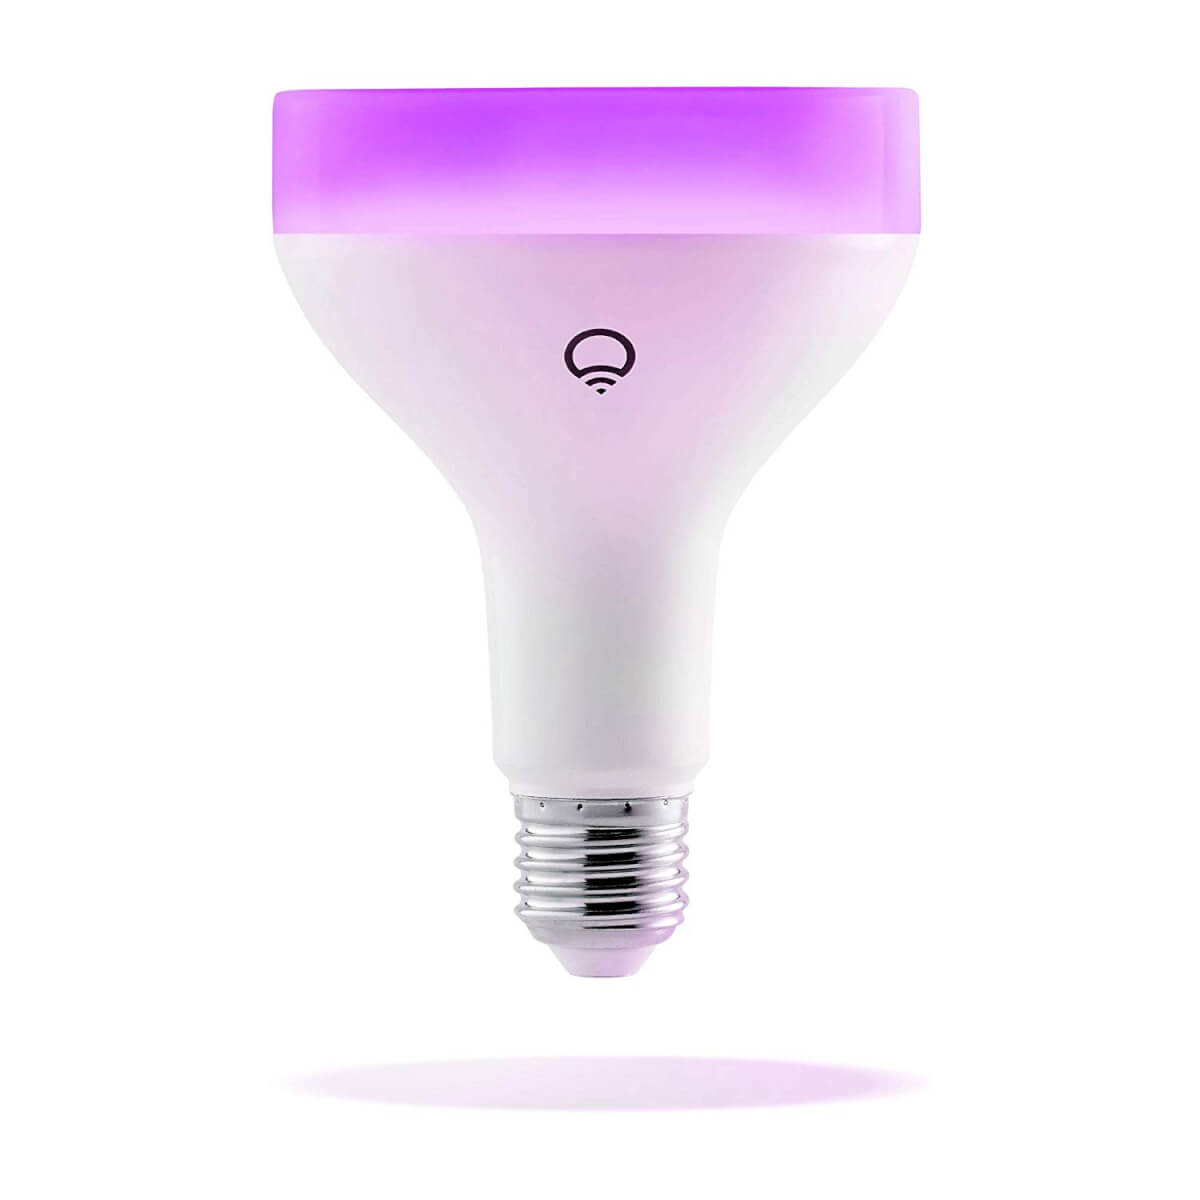 lifx br30 bulb